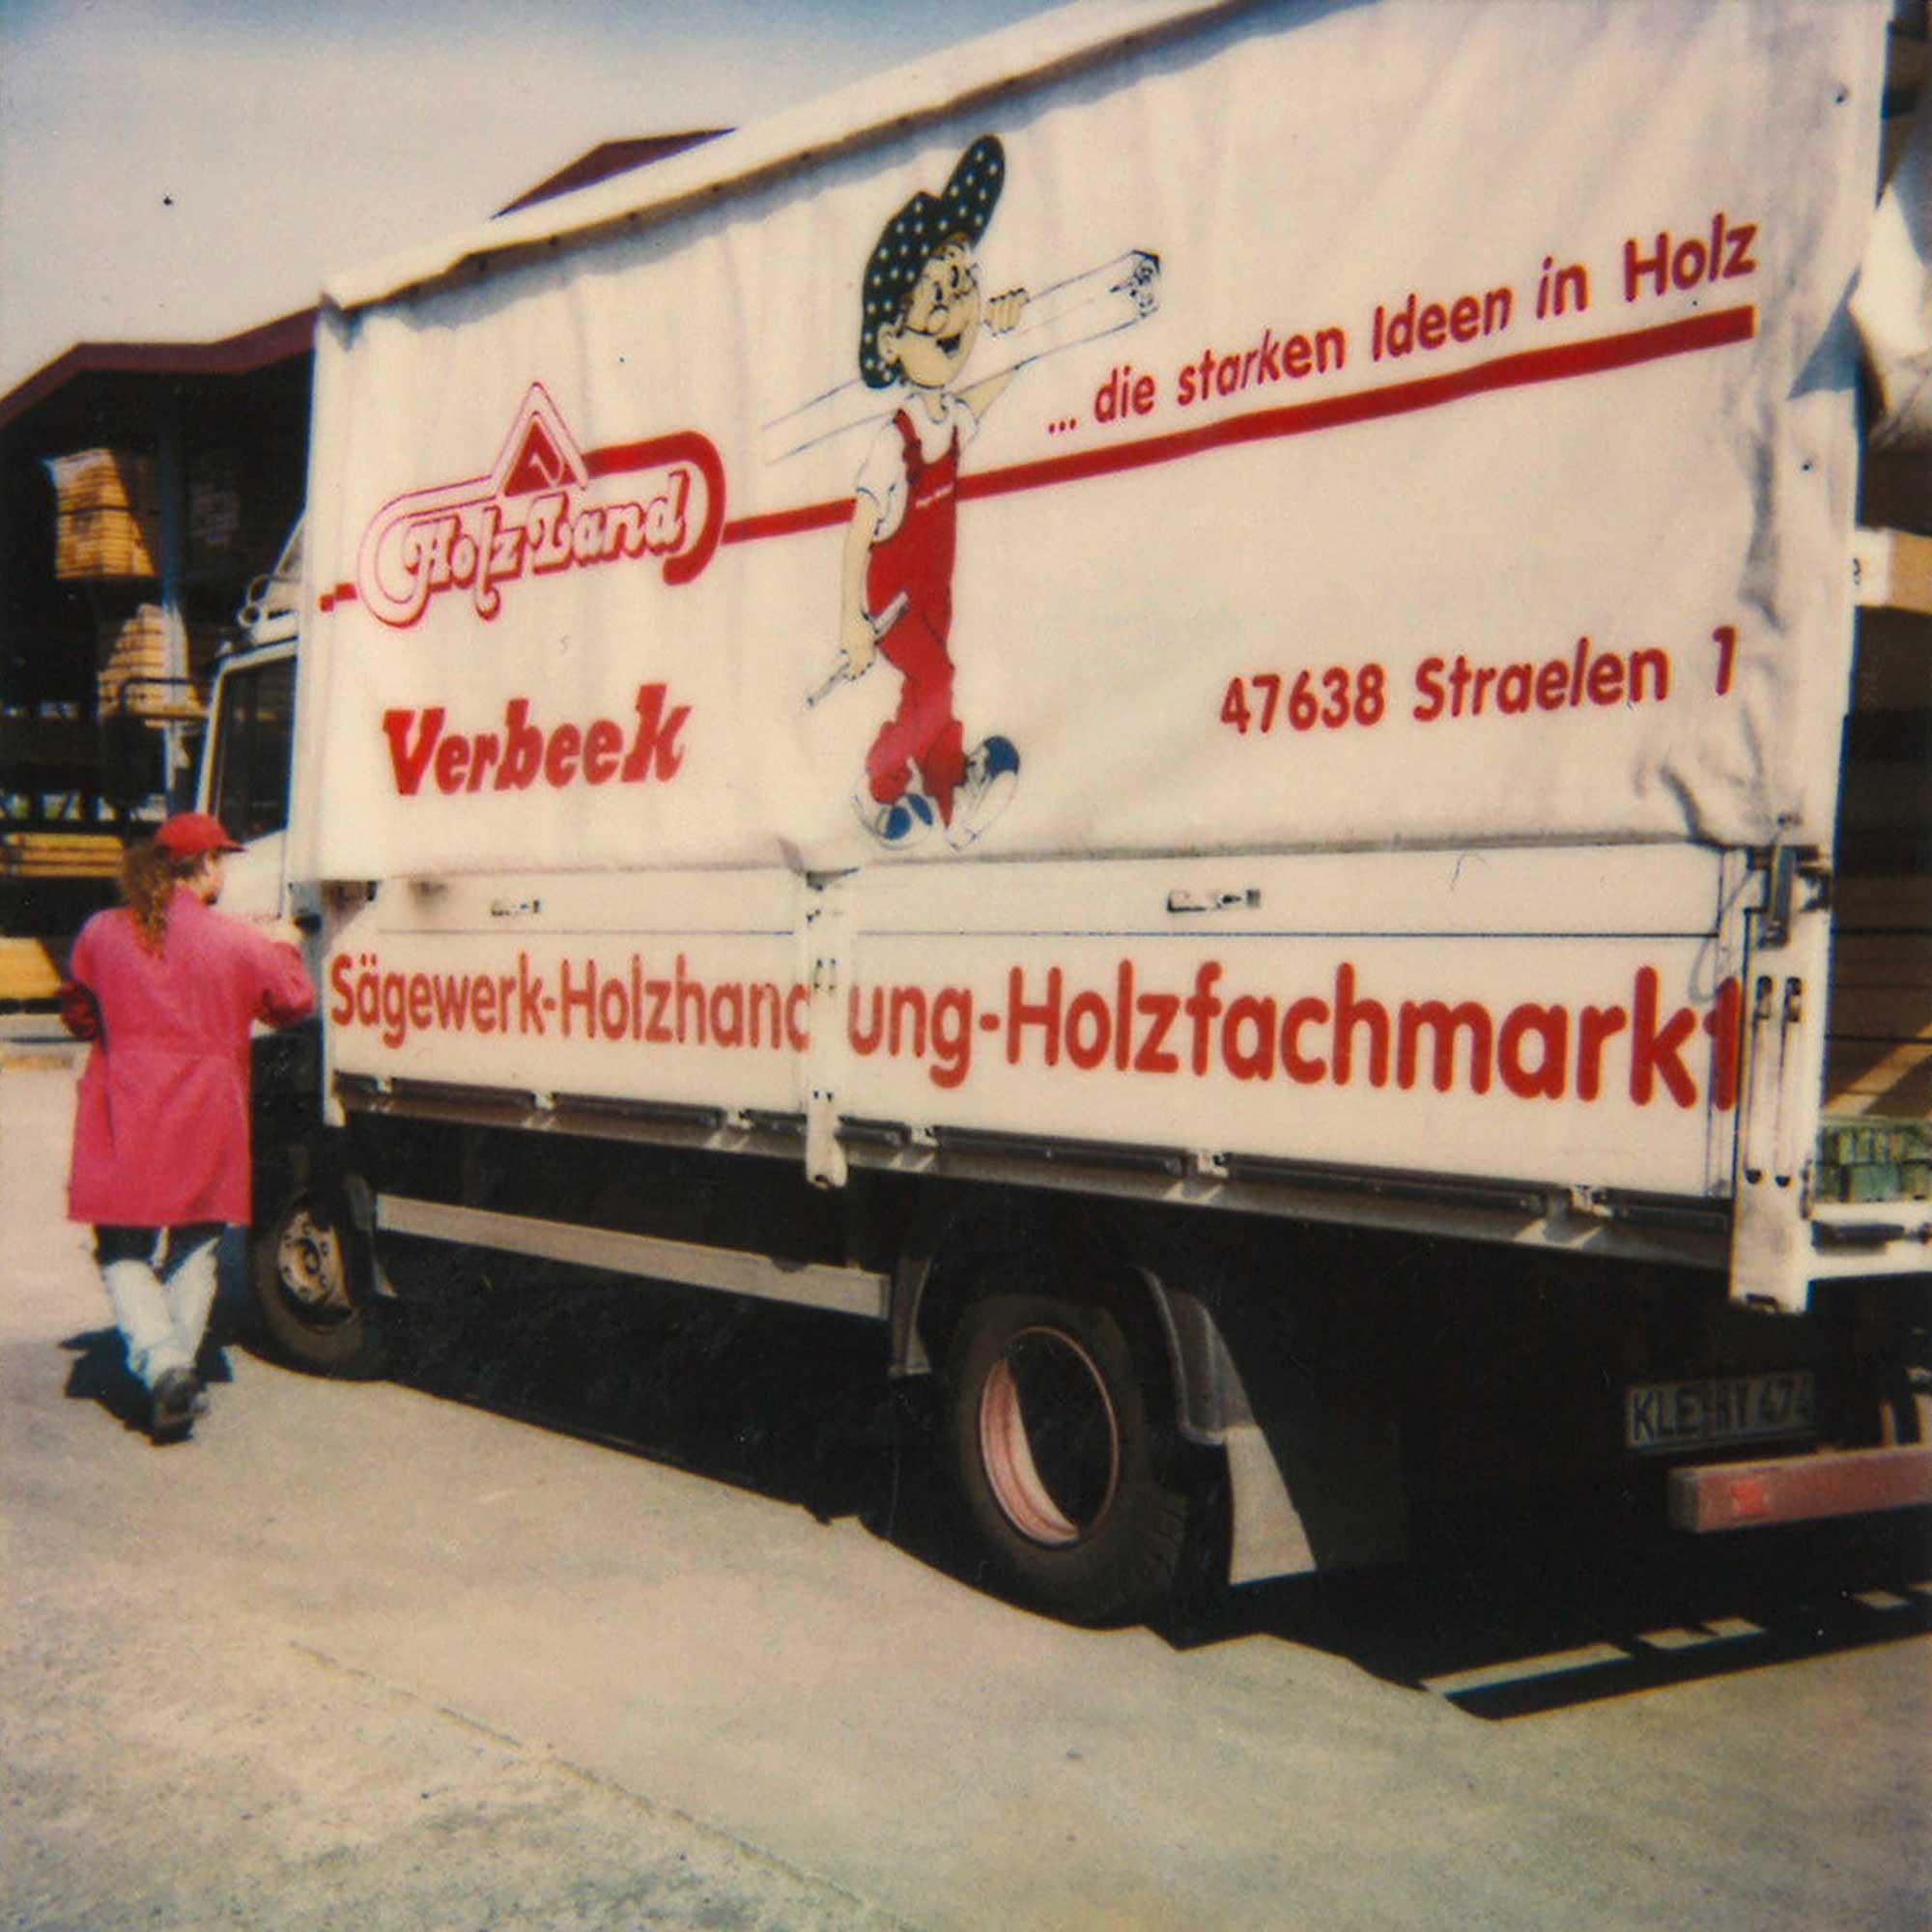 Geschichte holzland verbeek straelen for Holzland verbeek